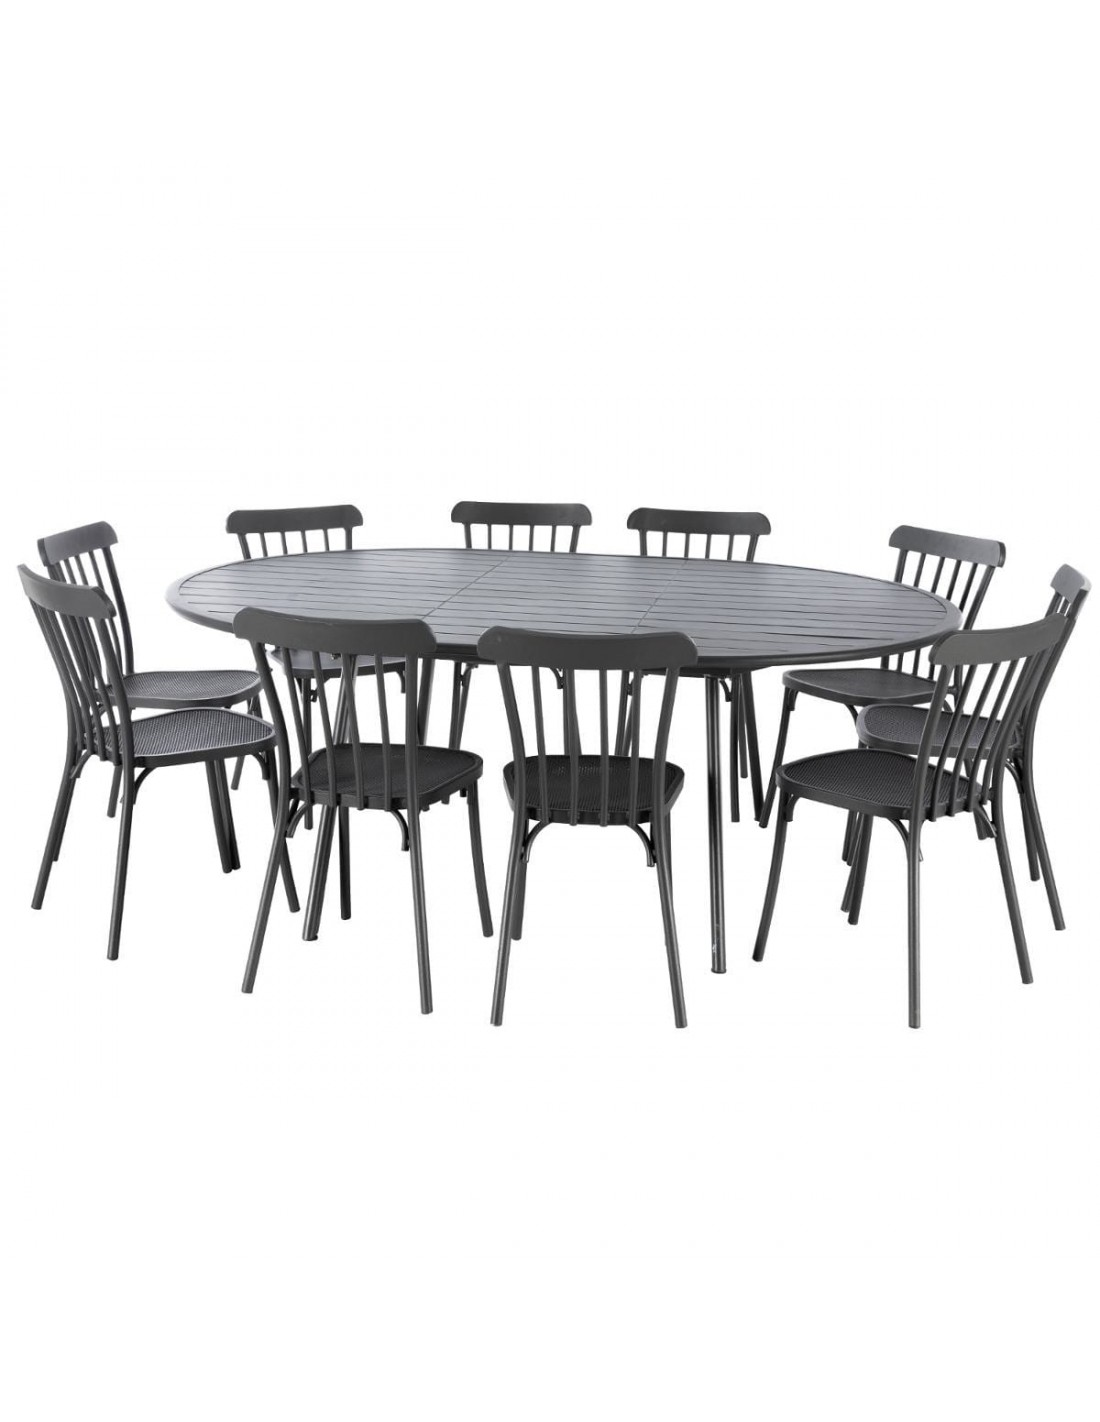 Table De Jardin Ellipsa Extensible En Aluminium Graphite